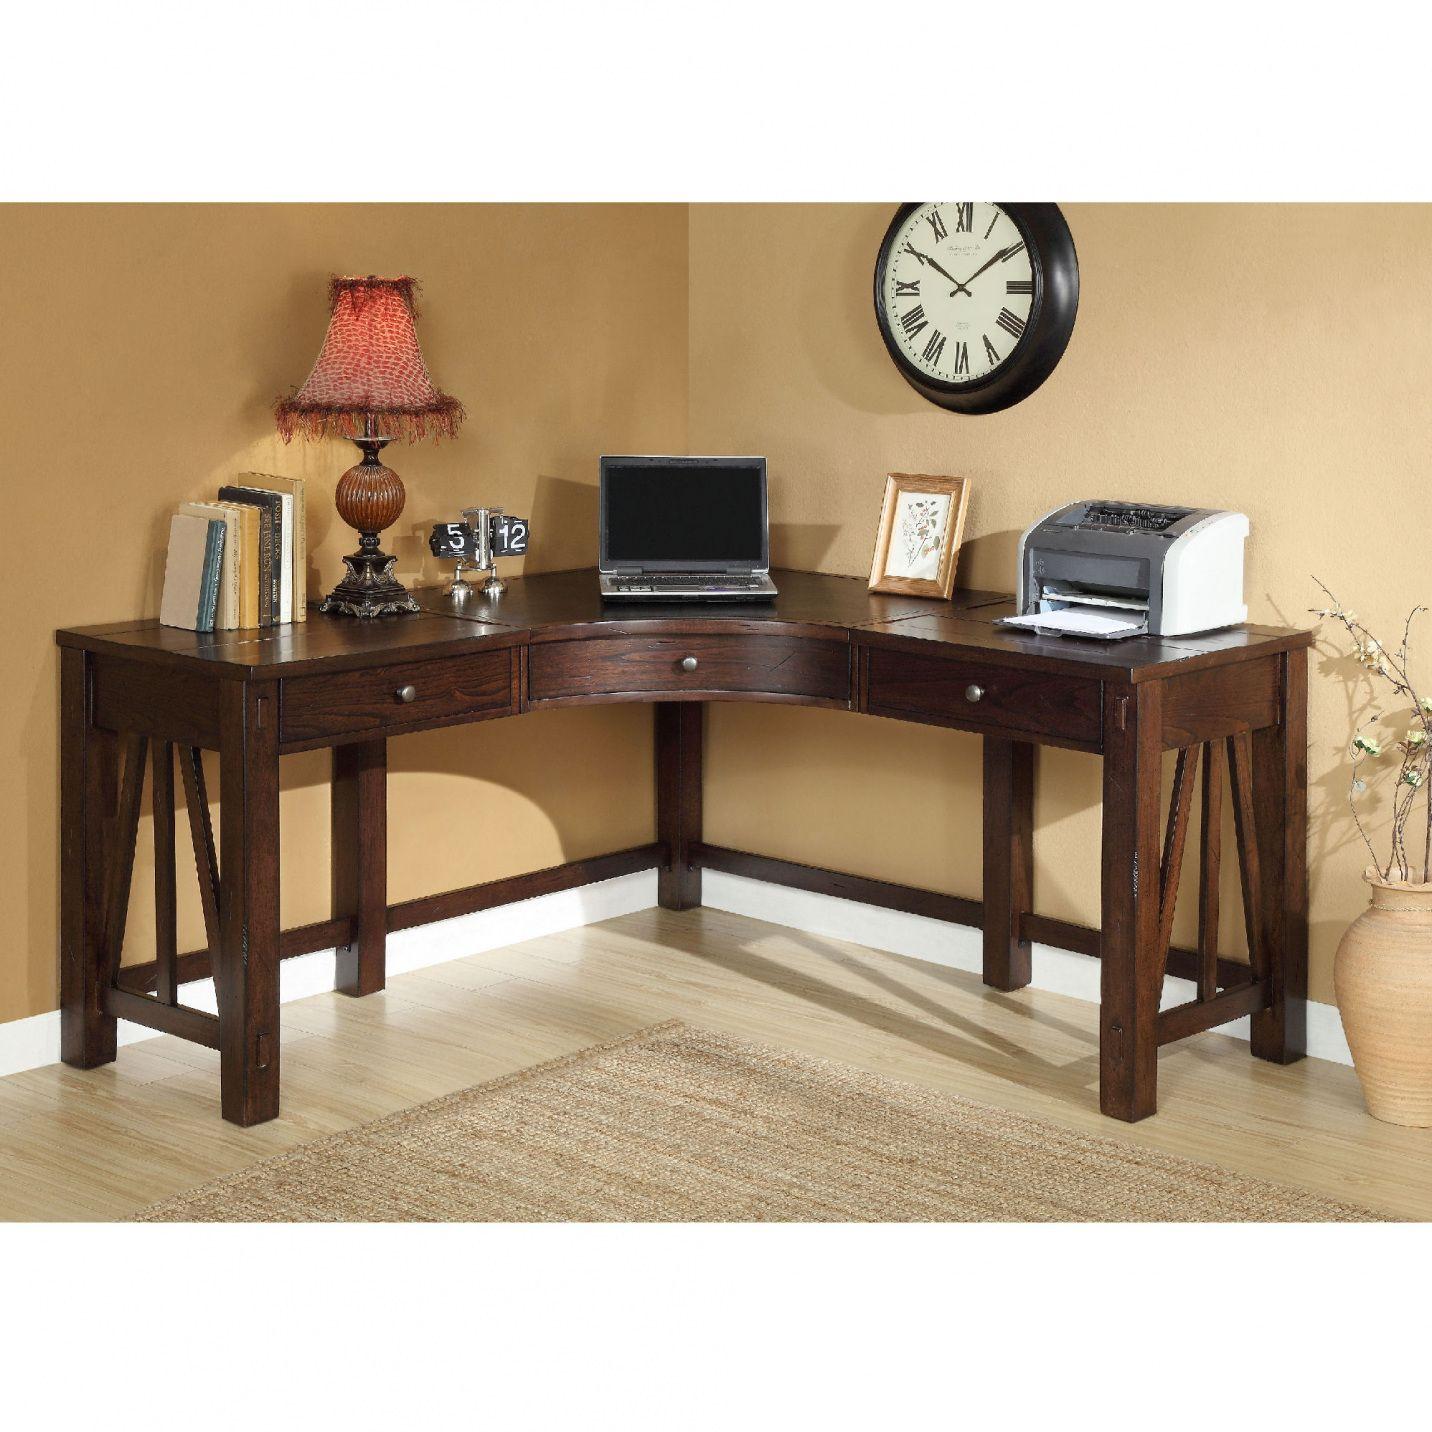 image office furniture corner desk. Corner Desks For Home Office - Furniture Set Check More At Http:/ Image Desk